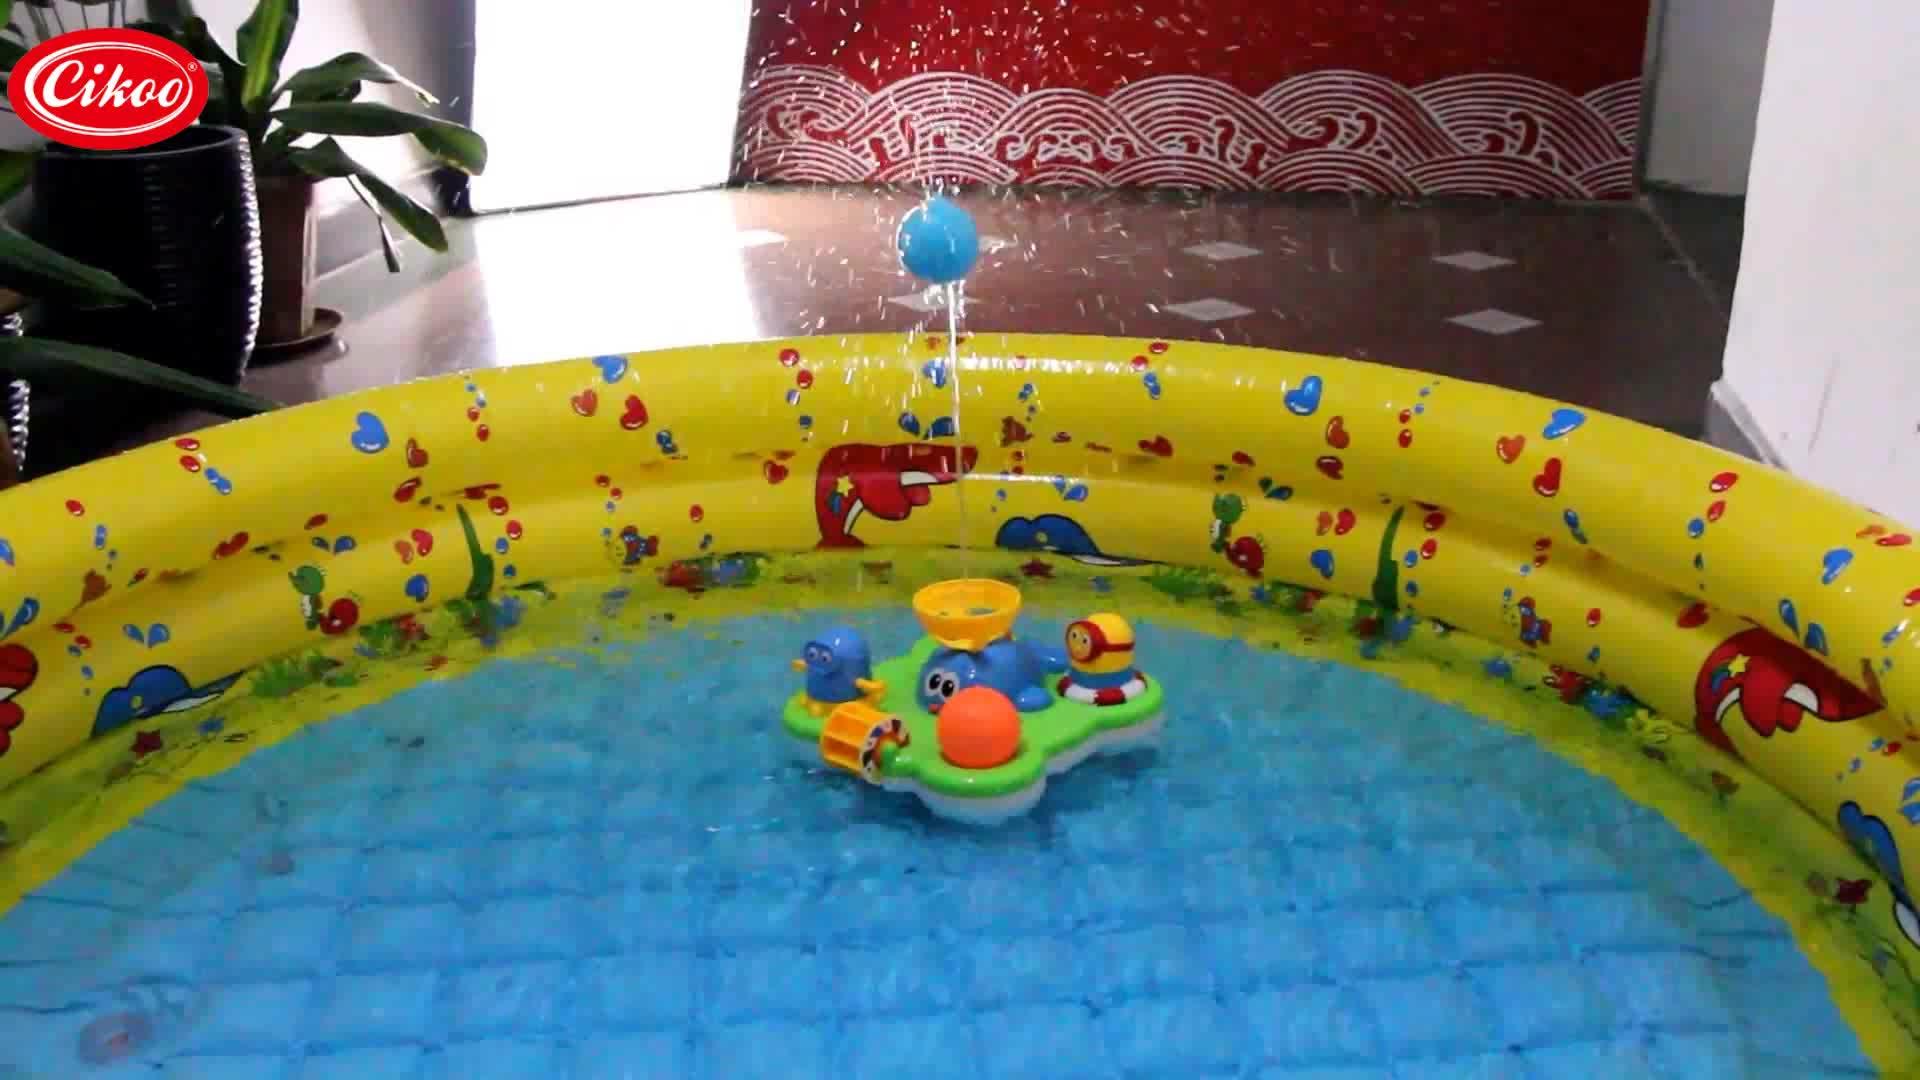 Cikoo Neue Spray Wasser Kid Interessant Baby Bath Lustige Spielzeug